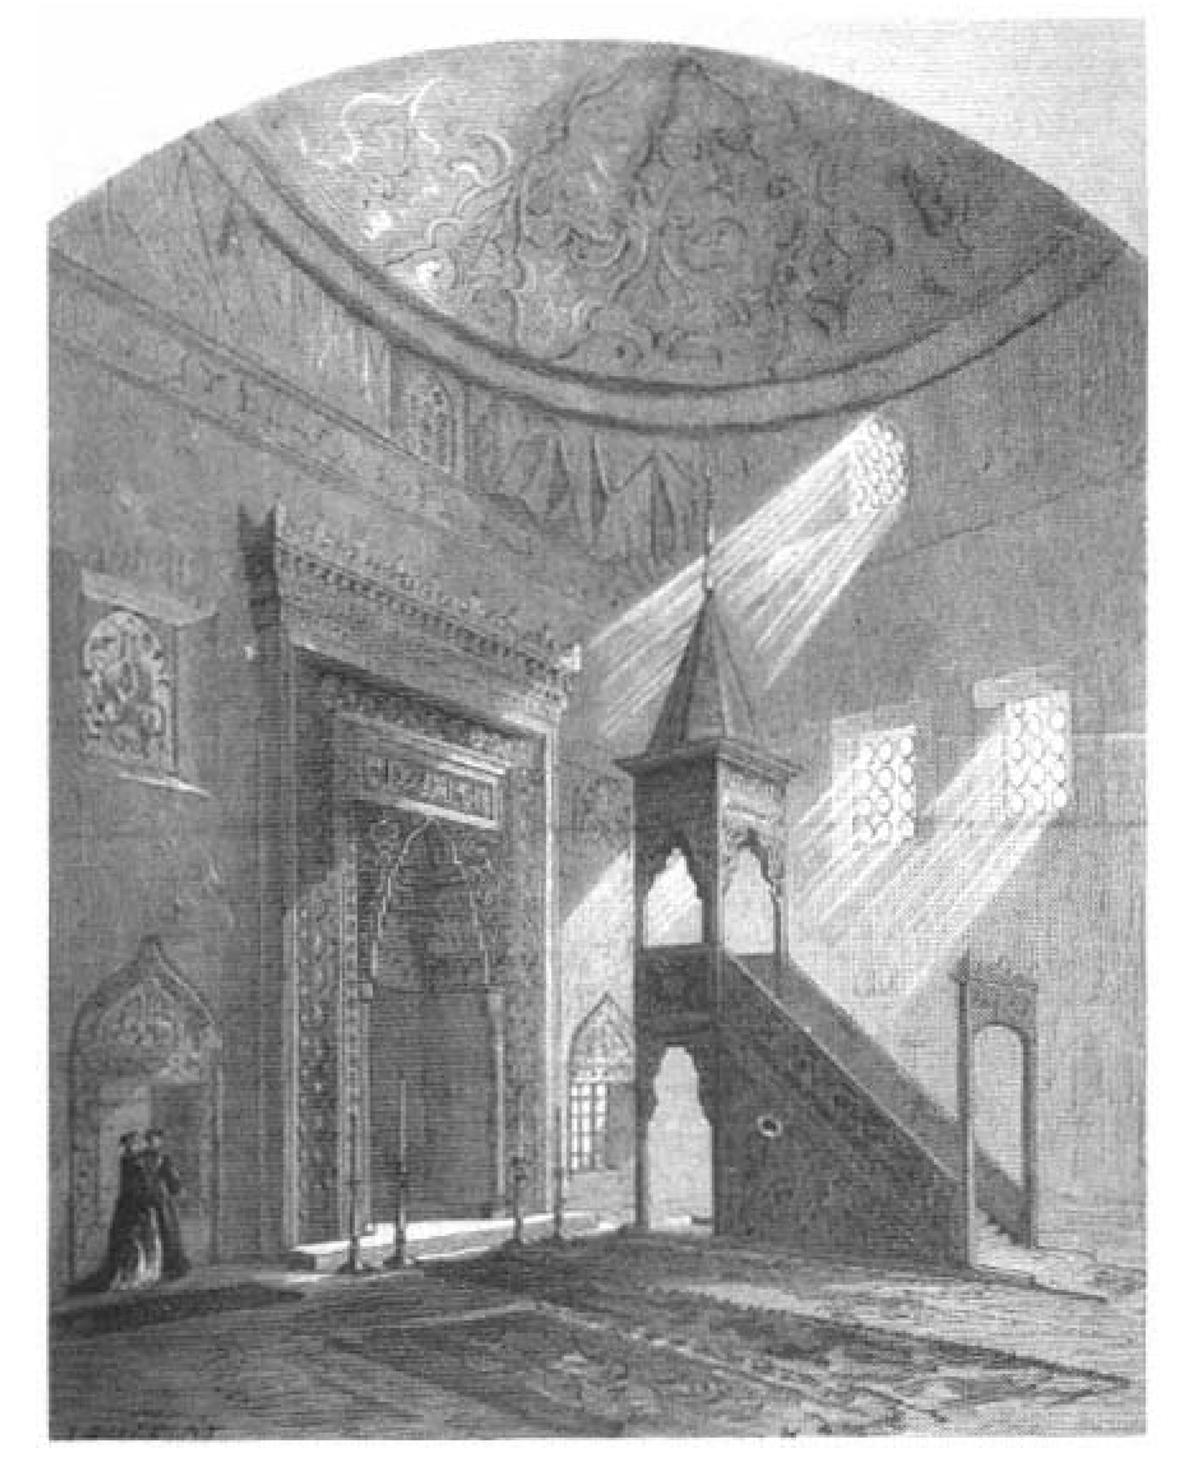 1867 Paris Fuarında Sergilenen Bursa Yeşil Cami'nin Kopyası Olan Cami'nin Içinden Bir Görünüm